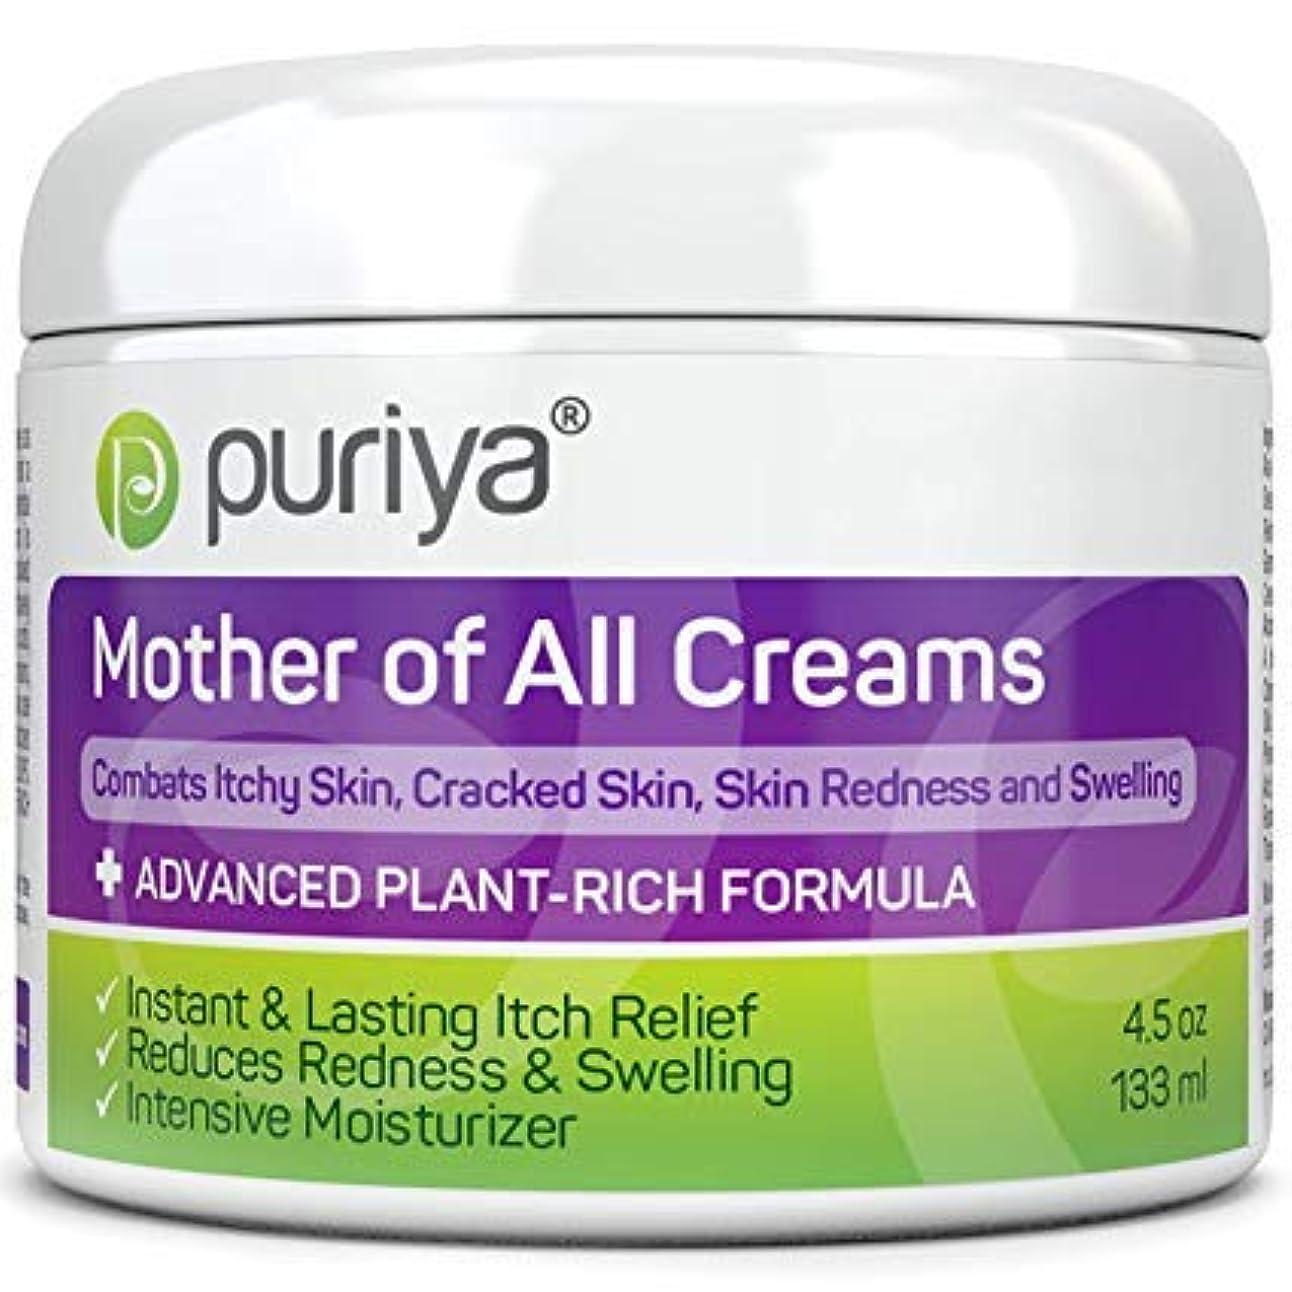 ジャズかけがえのない聴衆Puriya マザーオブオールクリーム Mother of All Creams Cream For Eczema, Psoriasis, Dermatitis and Rashes. Powerful Plant Rich Formula Provides Instant and Lasting Relief For Severely Dry, Cracked, or Irritated Skin (4.5 oz) [並行輸入品]